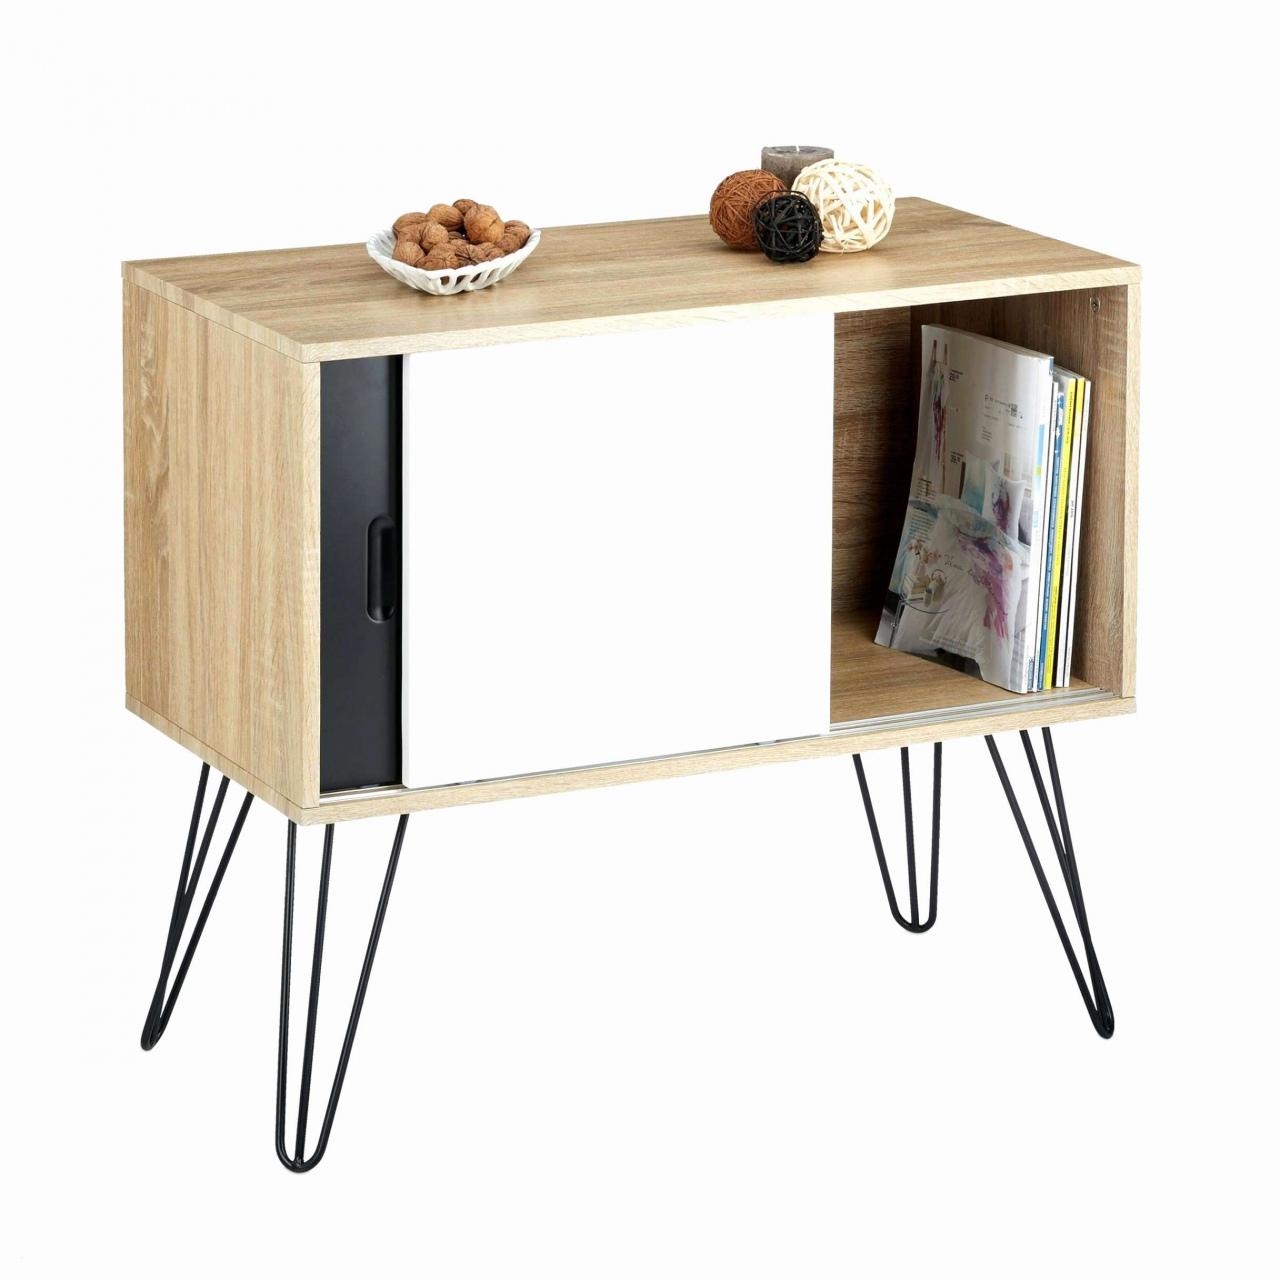 reclaimed wood dresser garten sideboard luxus reclaimed wood kitchen island durch reclaimed wood dresser